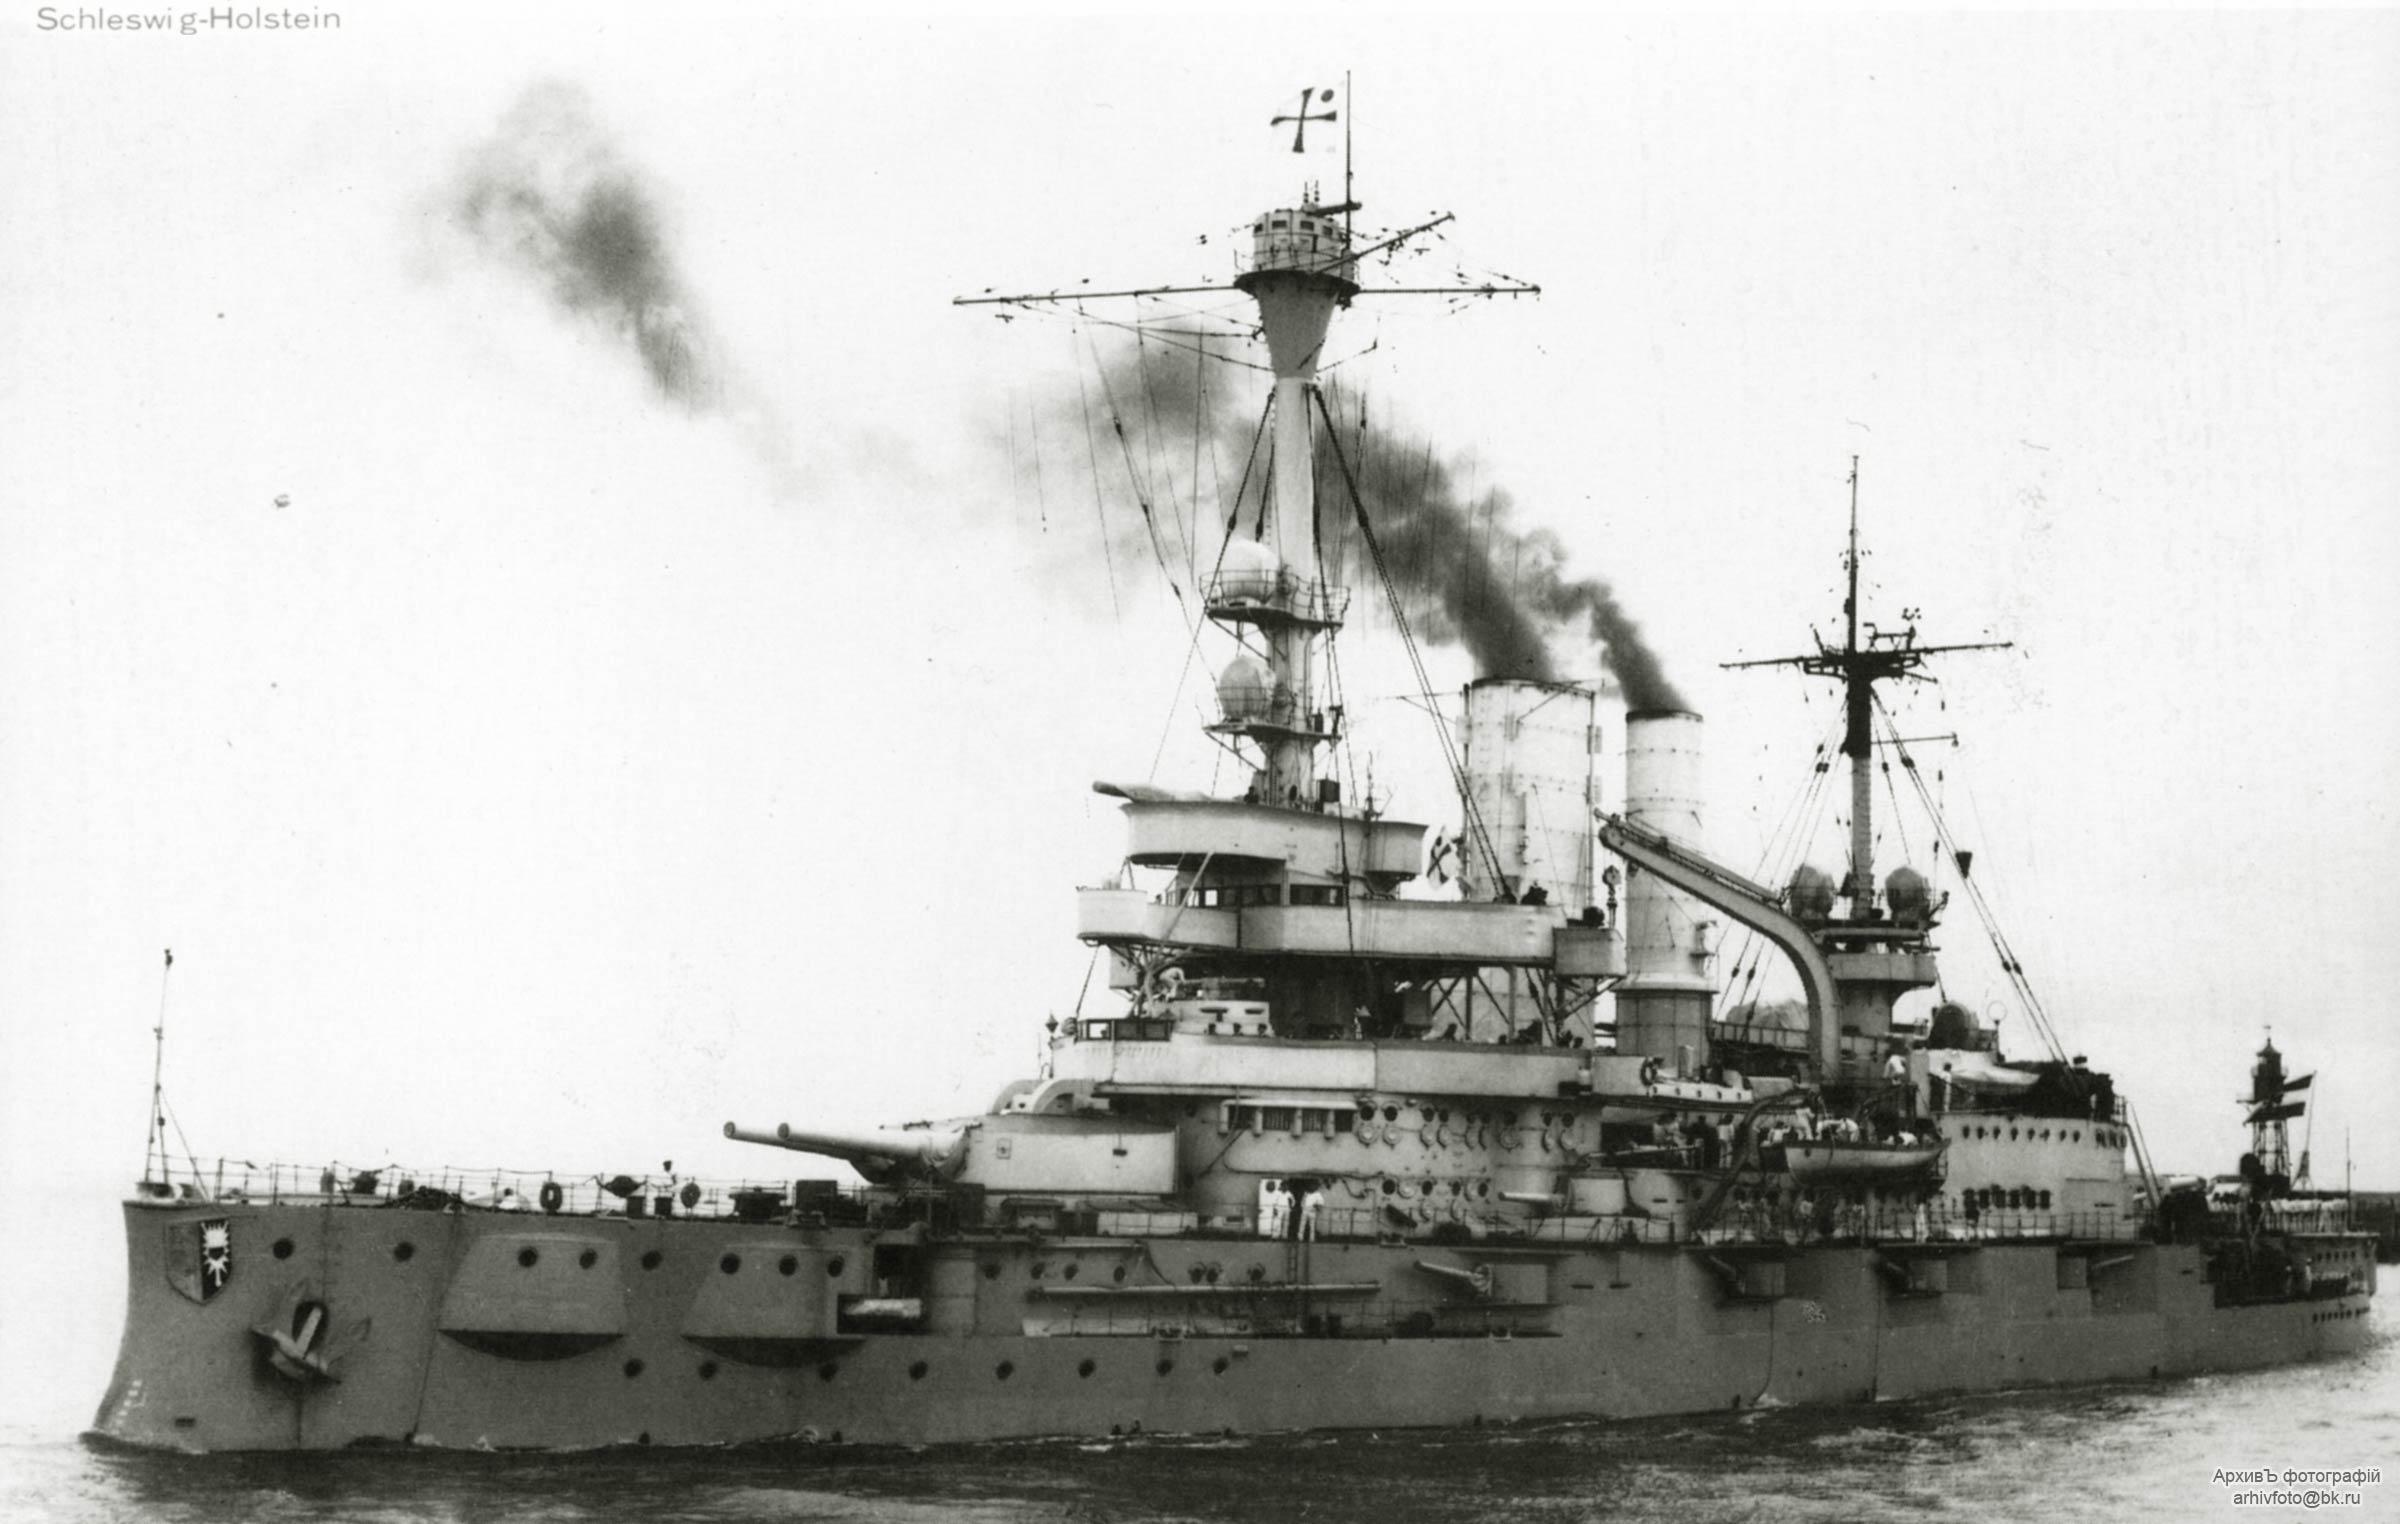 Schleswig Holstein Battleship Schleswig-holstein